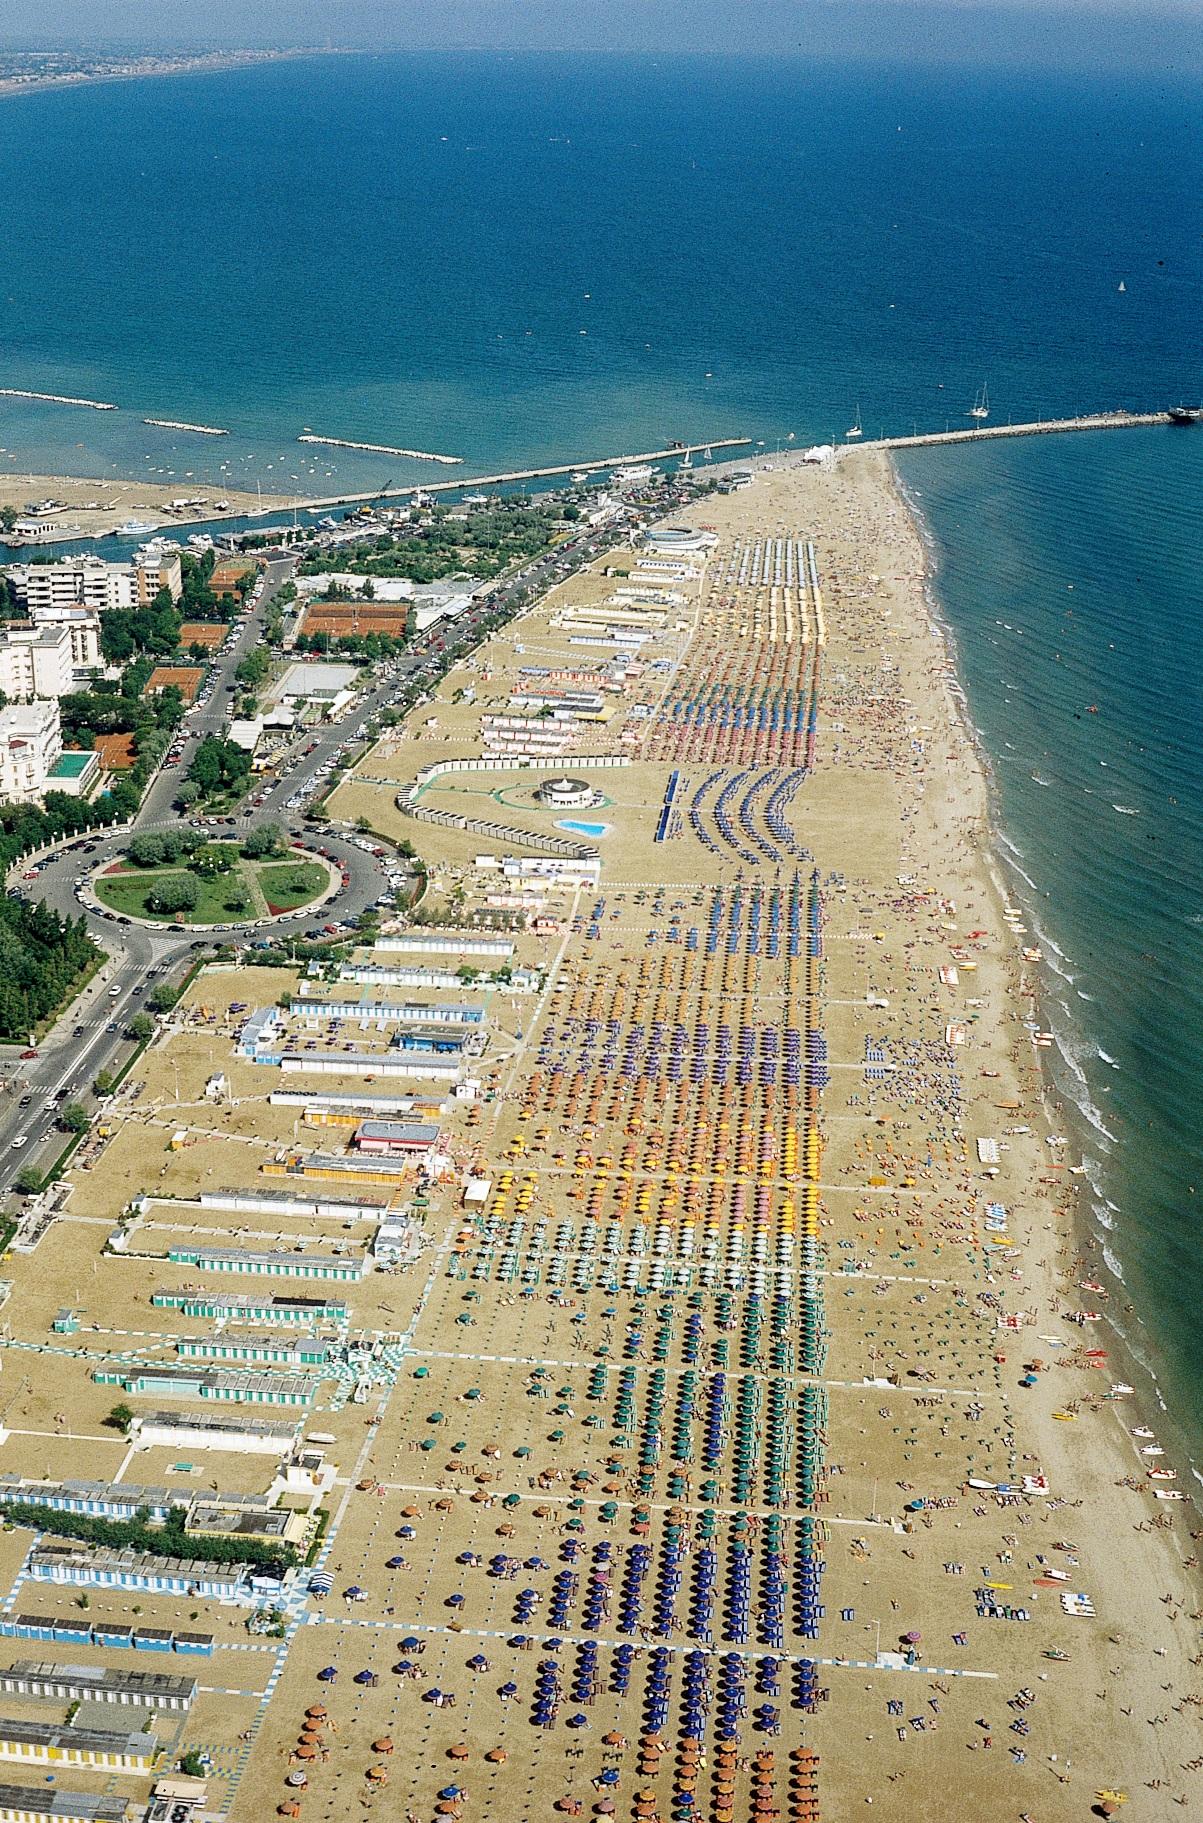 Costo ombrellone e sdraio spiaggia Rimini